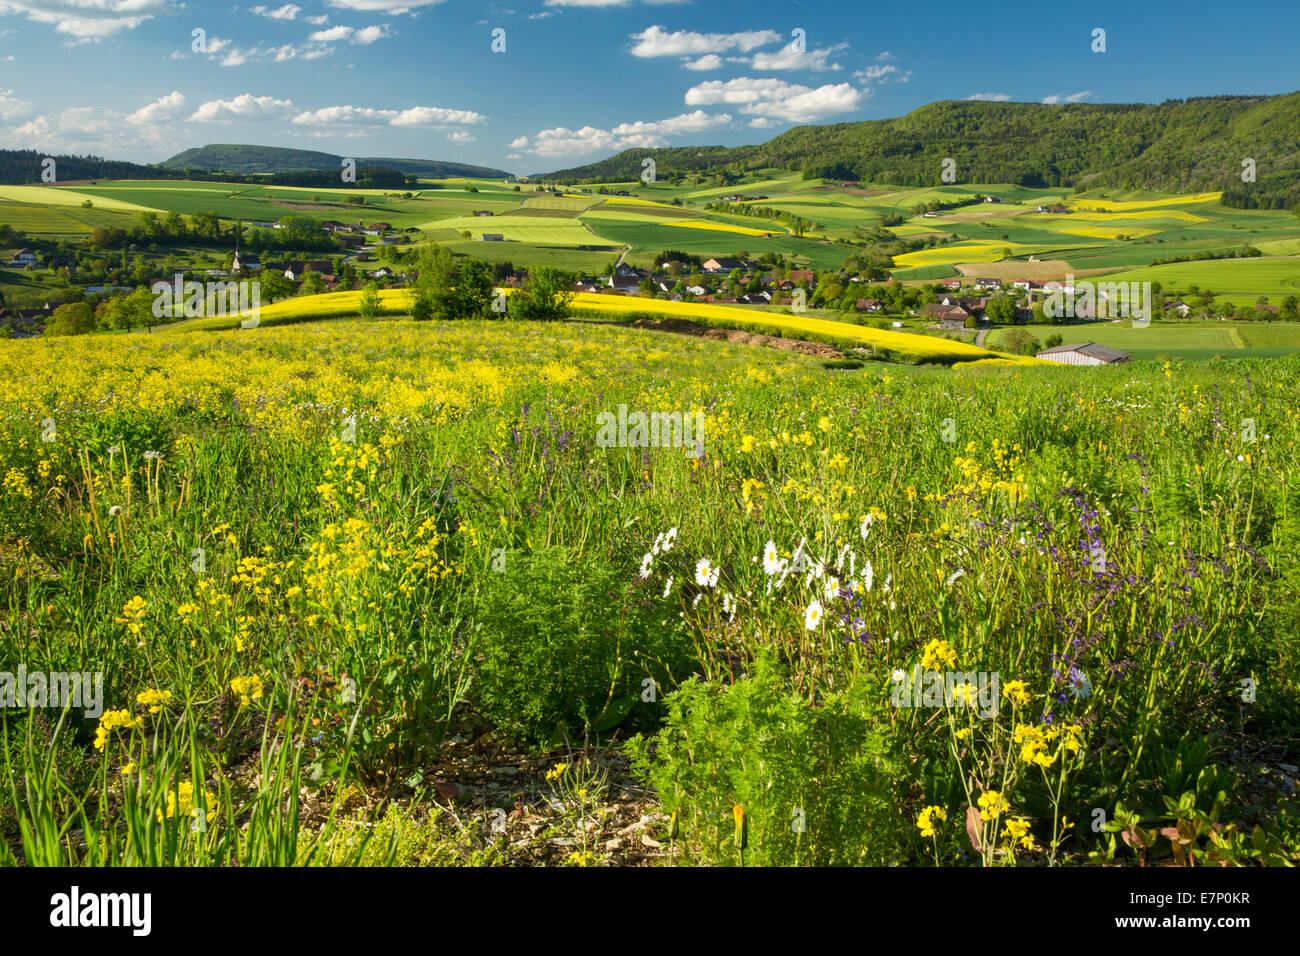 Randen, rugueux, Beggingen, printemps, canton, SH, Schaffhouse, fleur, fleurs, paysage, paysage, l'agriculture, Photo Stock